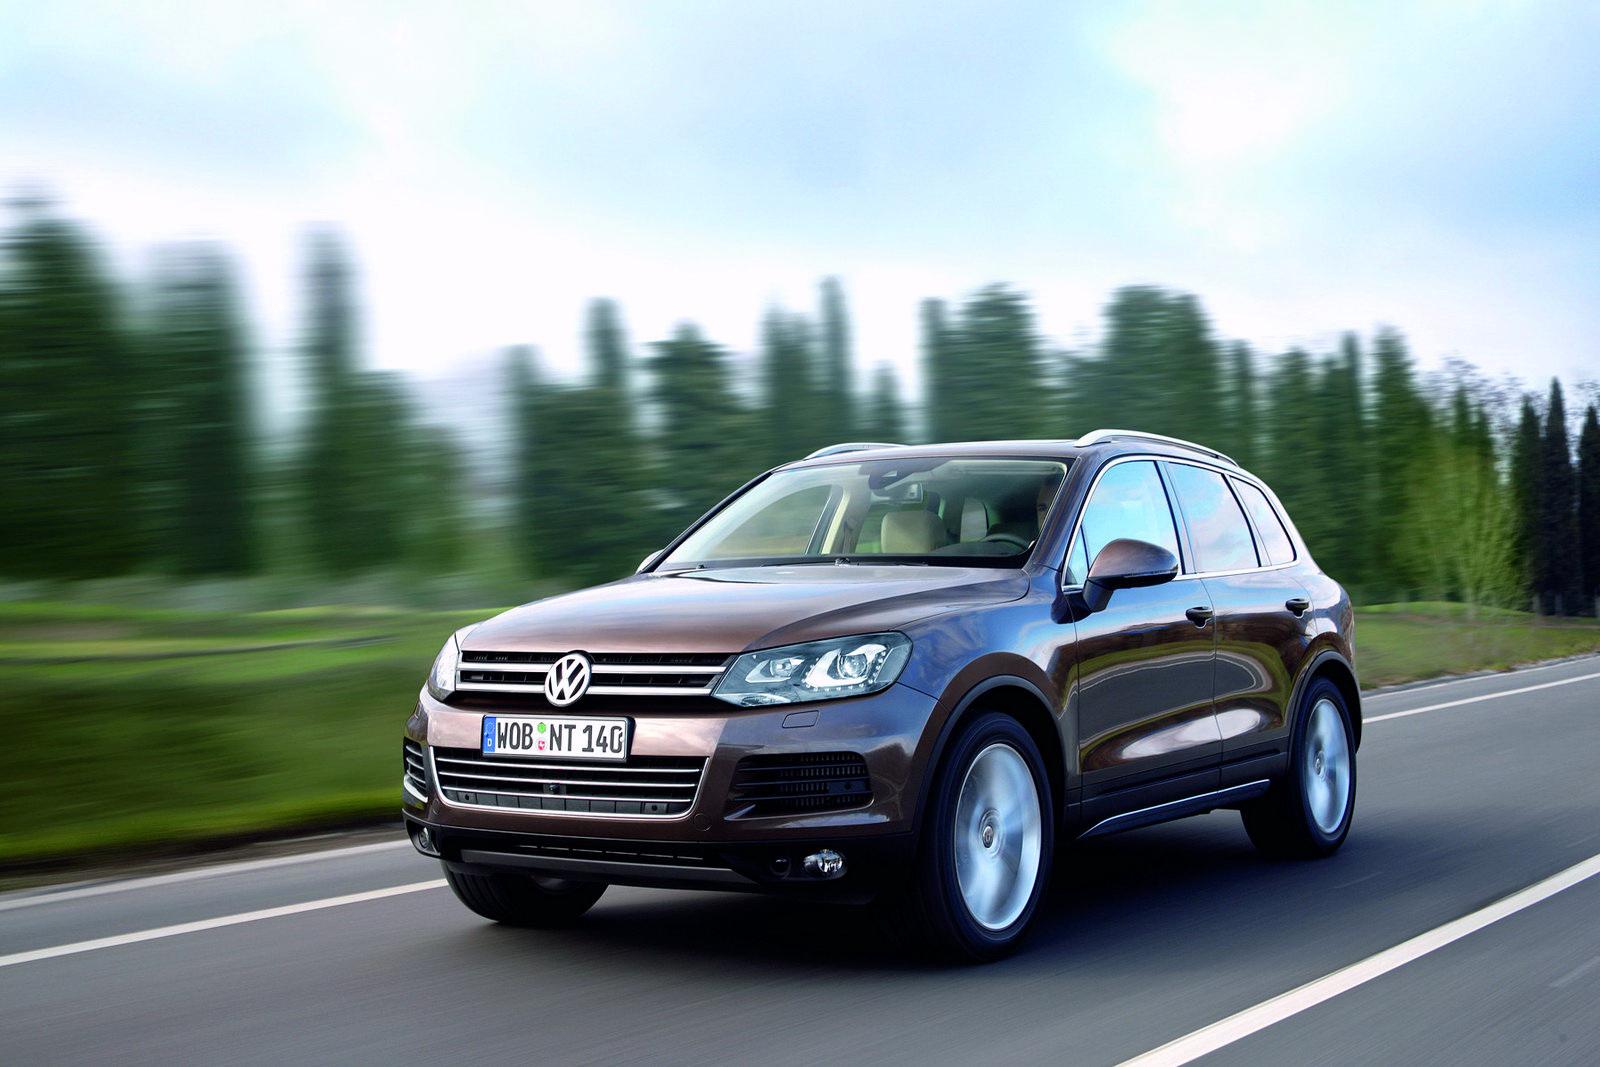 Volkswagen Touareg Wallpaper 2   1600 X 1067 stmednet 1600x1067